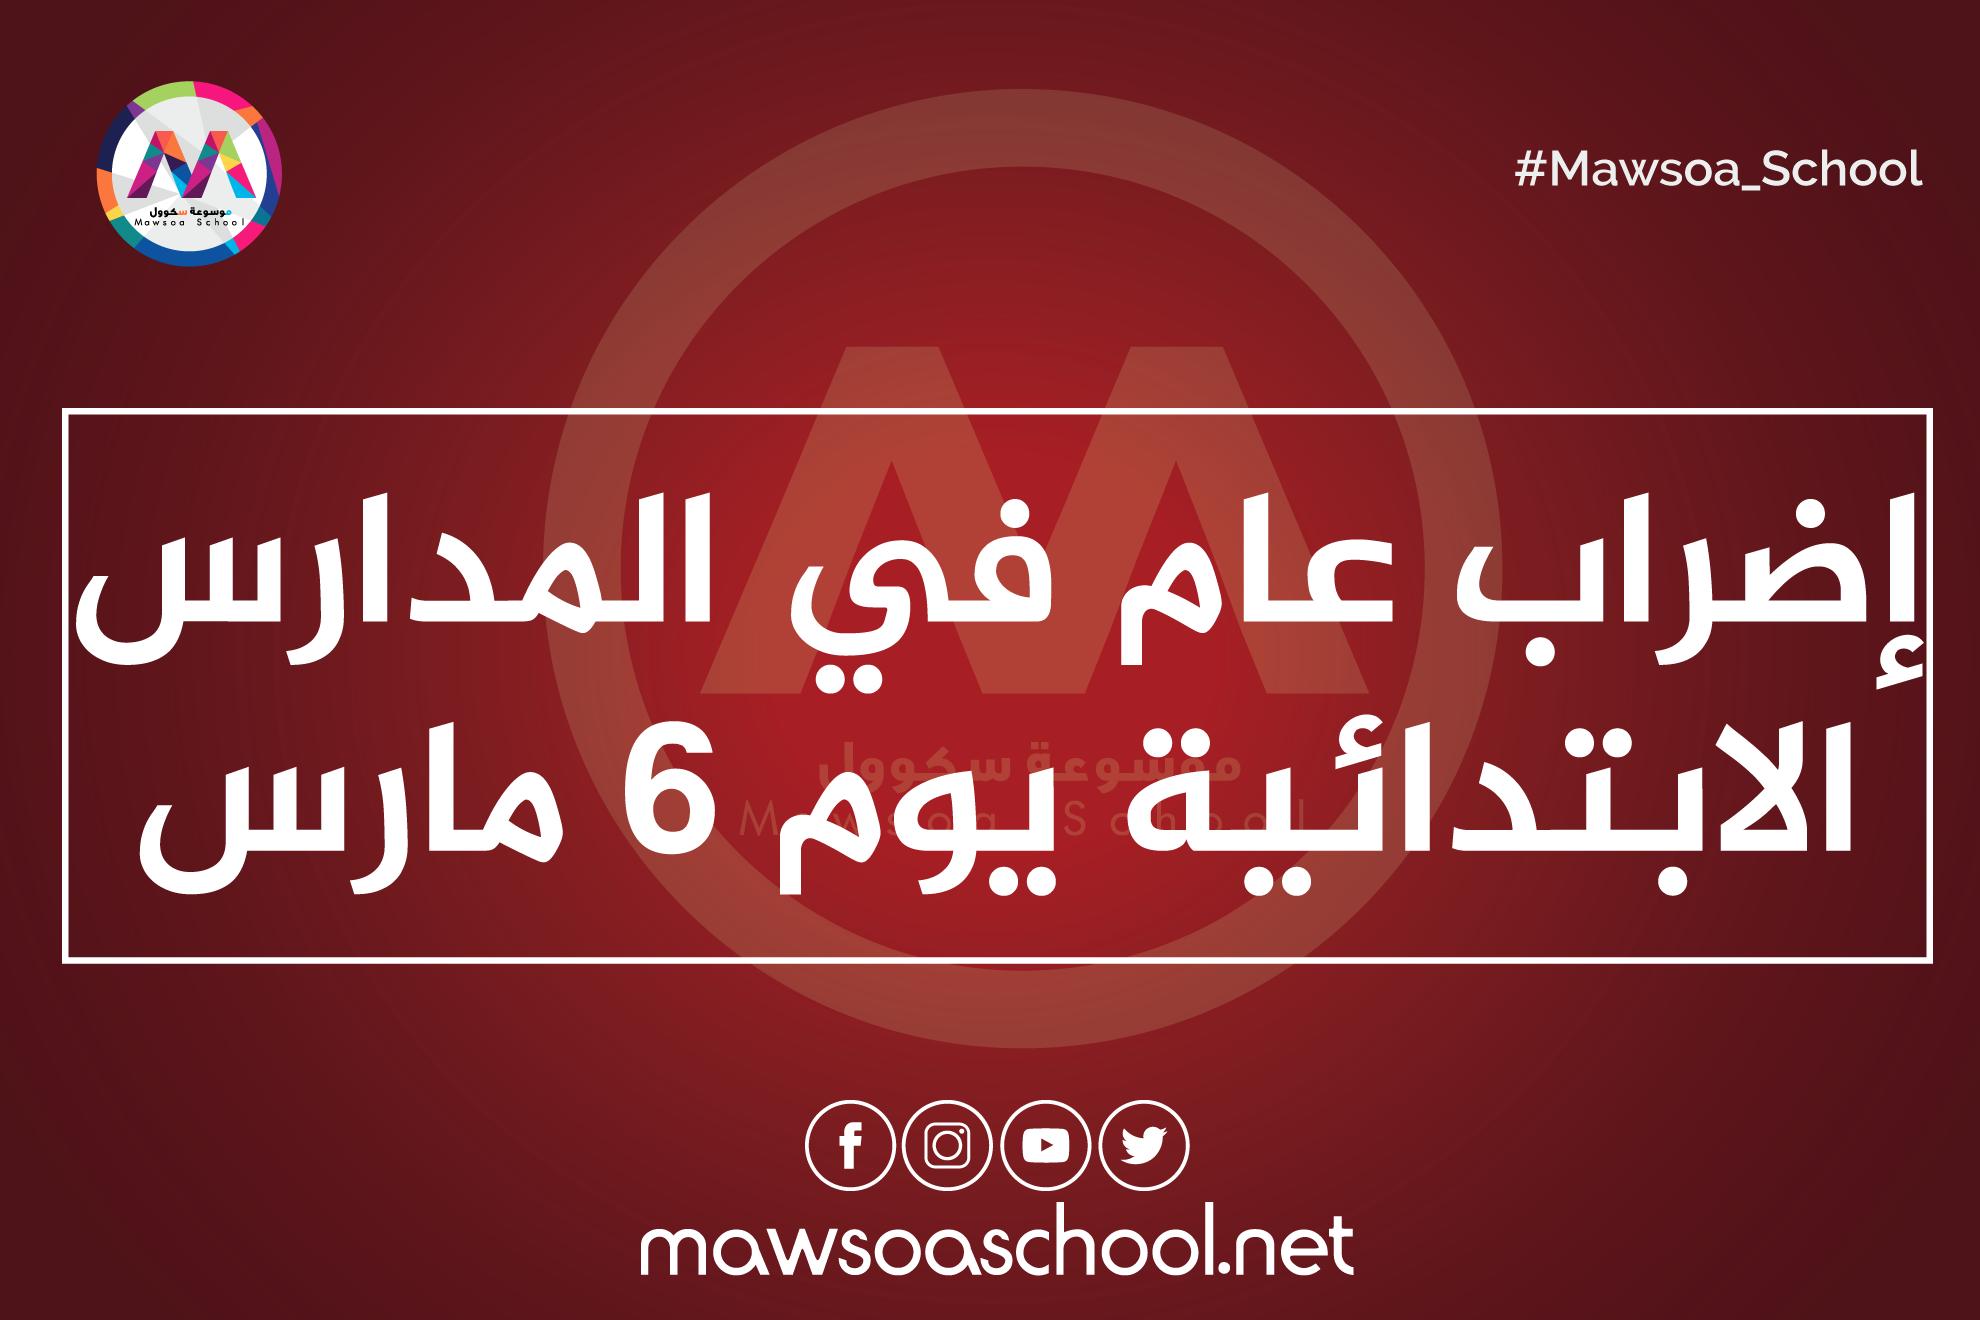 إضراب عام في المدارس الابتدائية يوم 6 مارس